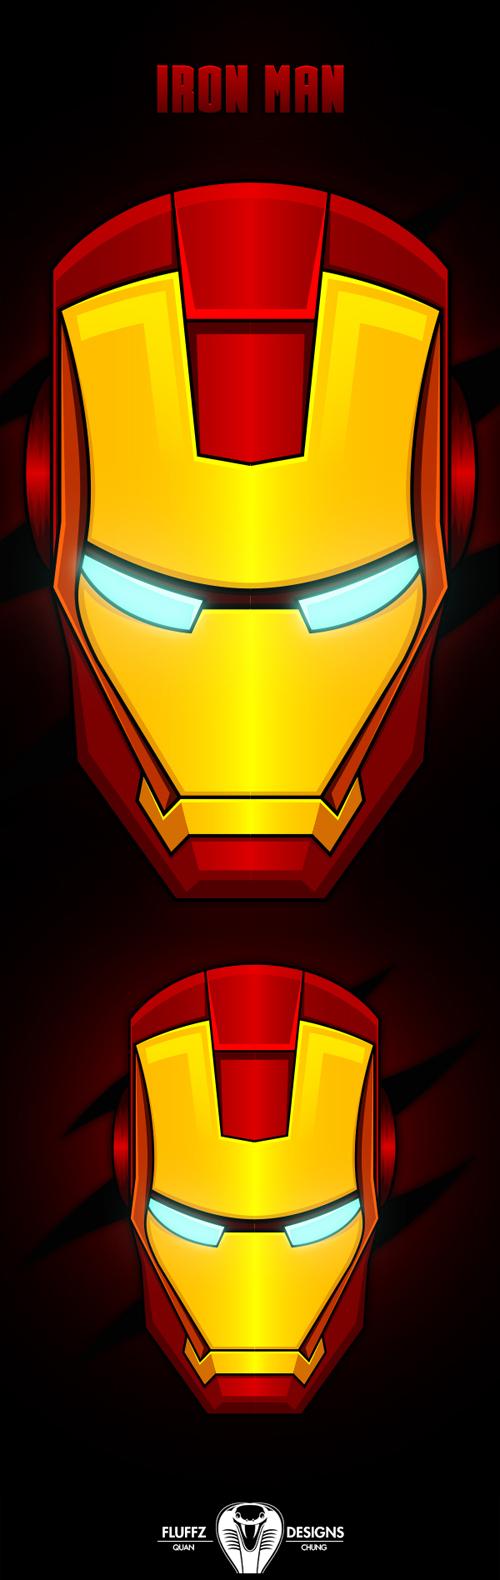 Iron Man - Illustration